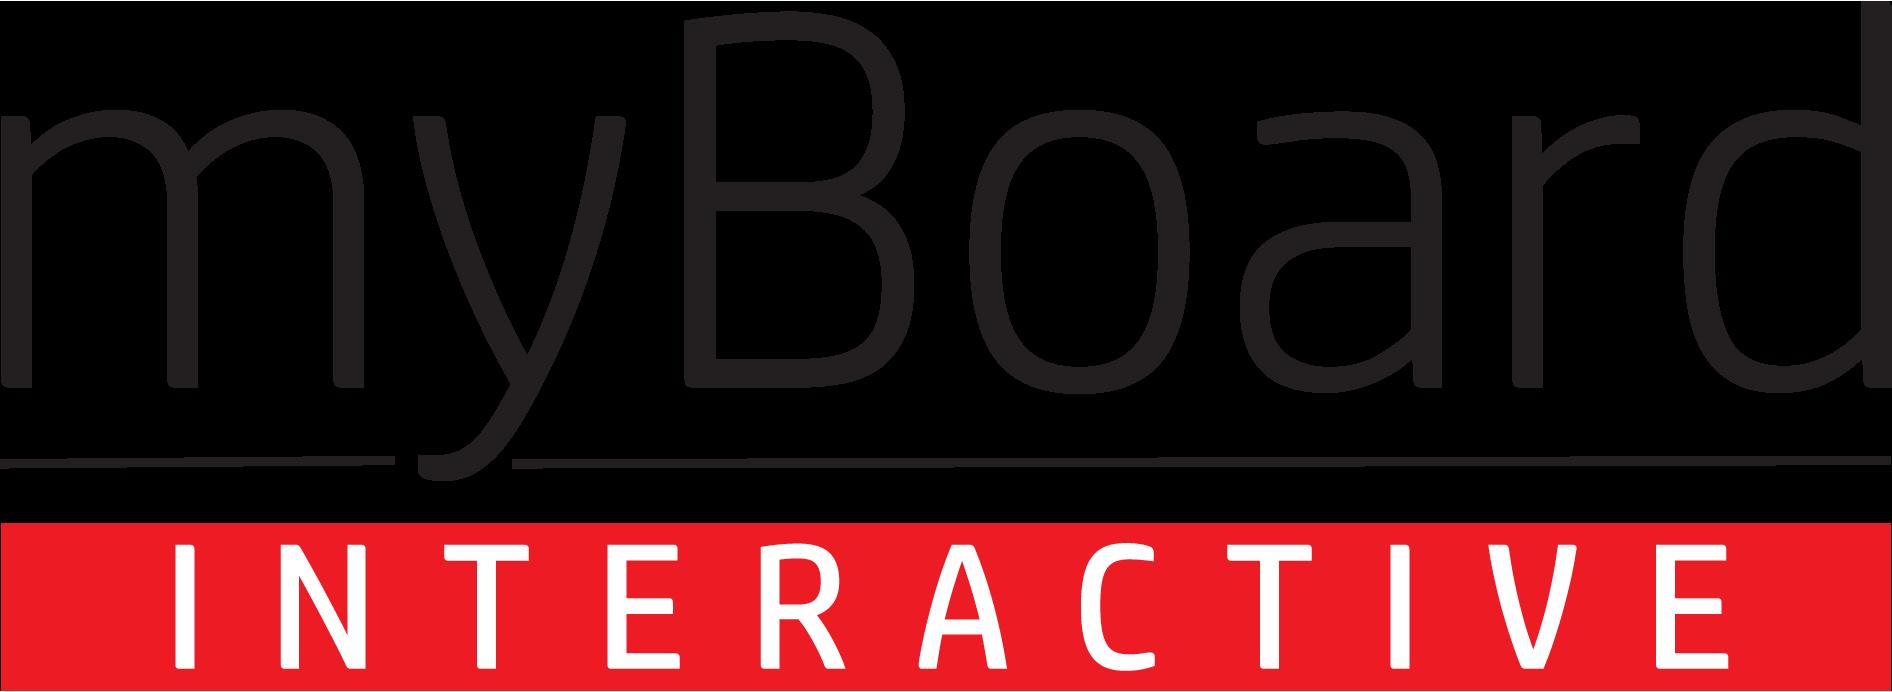 myBoard interactive logo